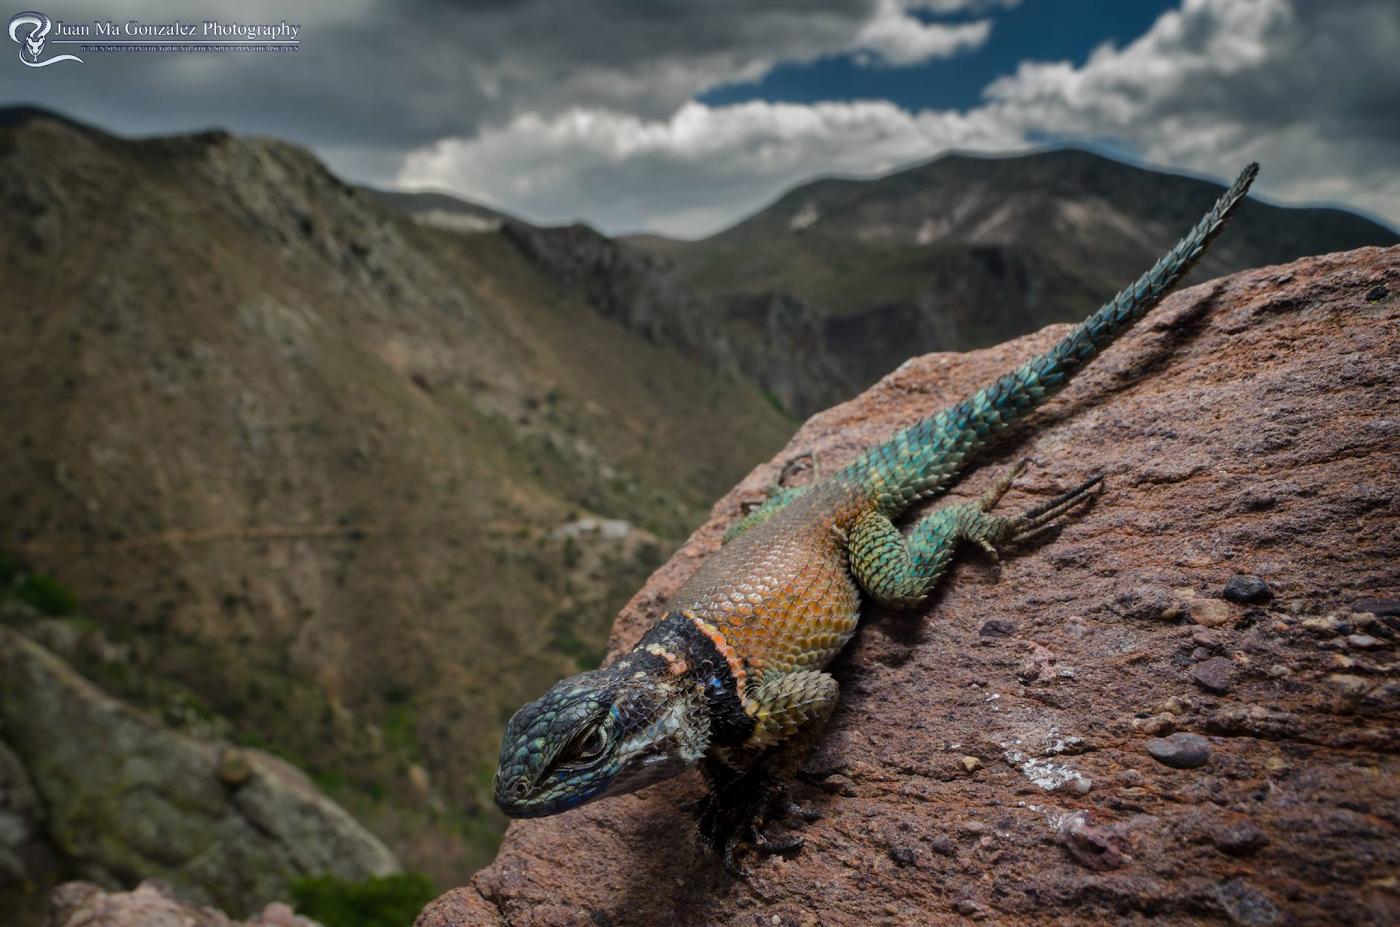 Фото 29. Фотоохота на ящерицуLagartija espinoza menor в горах Мексики. Съемка рептилий на экстремально коротких фокусных расстояниях. Тестирование макрообъектива Laowa 15mm f4 1:1 Macro на тушке Nikon D5600.